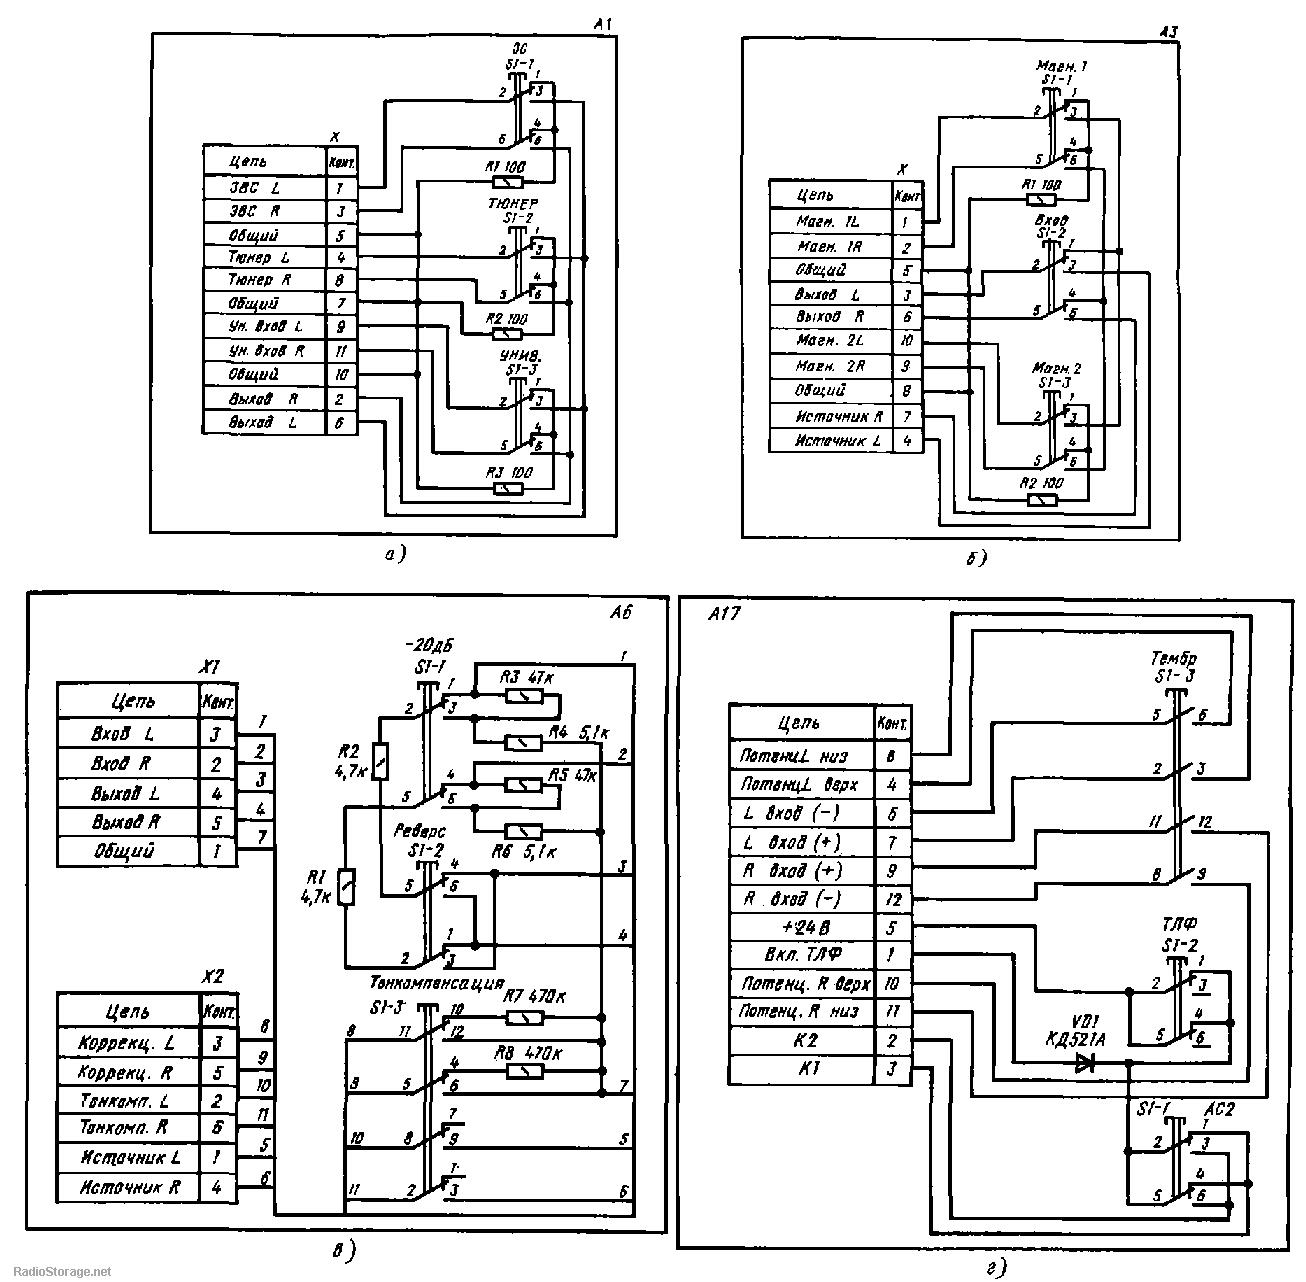 усилитель одиссей 002 стерео инструкция по подключению к компьютеру